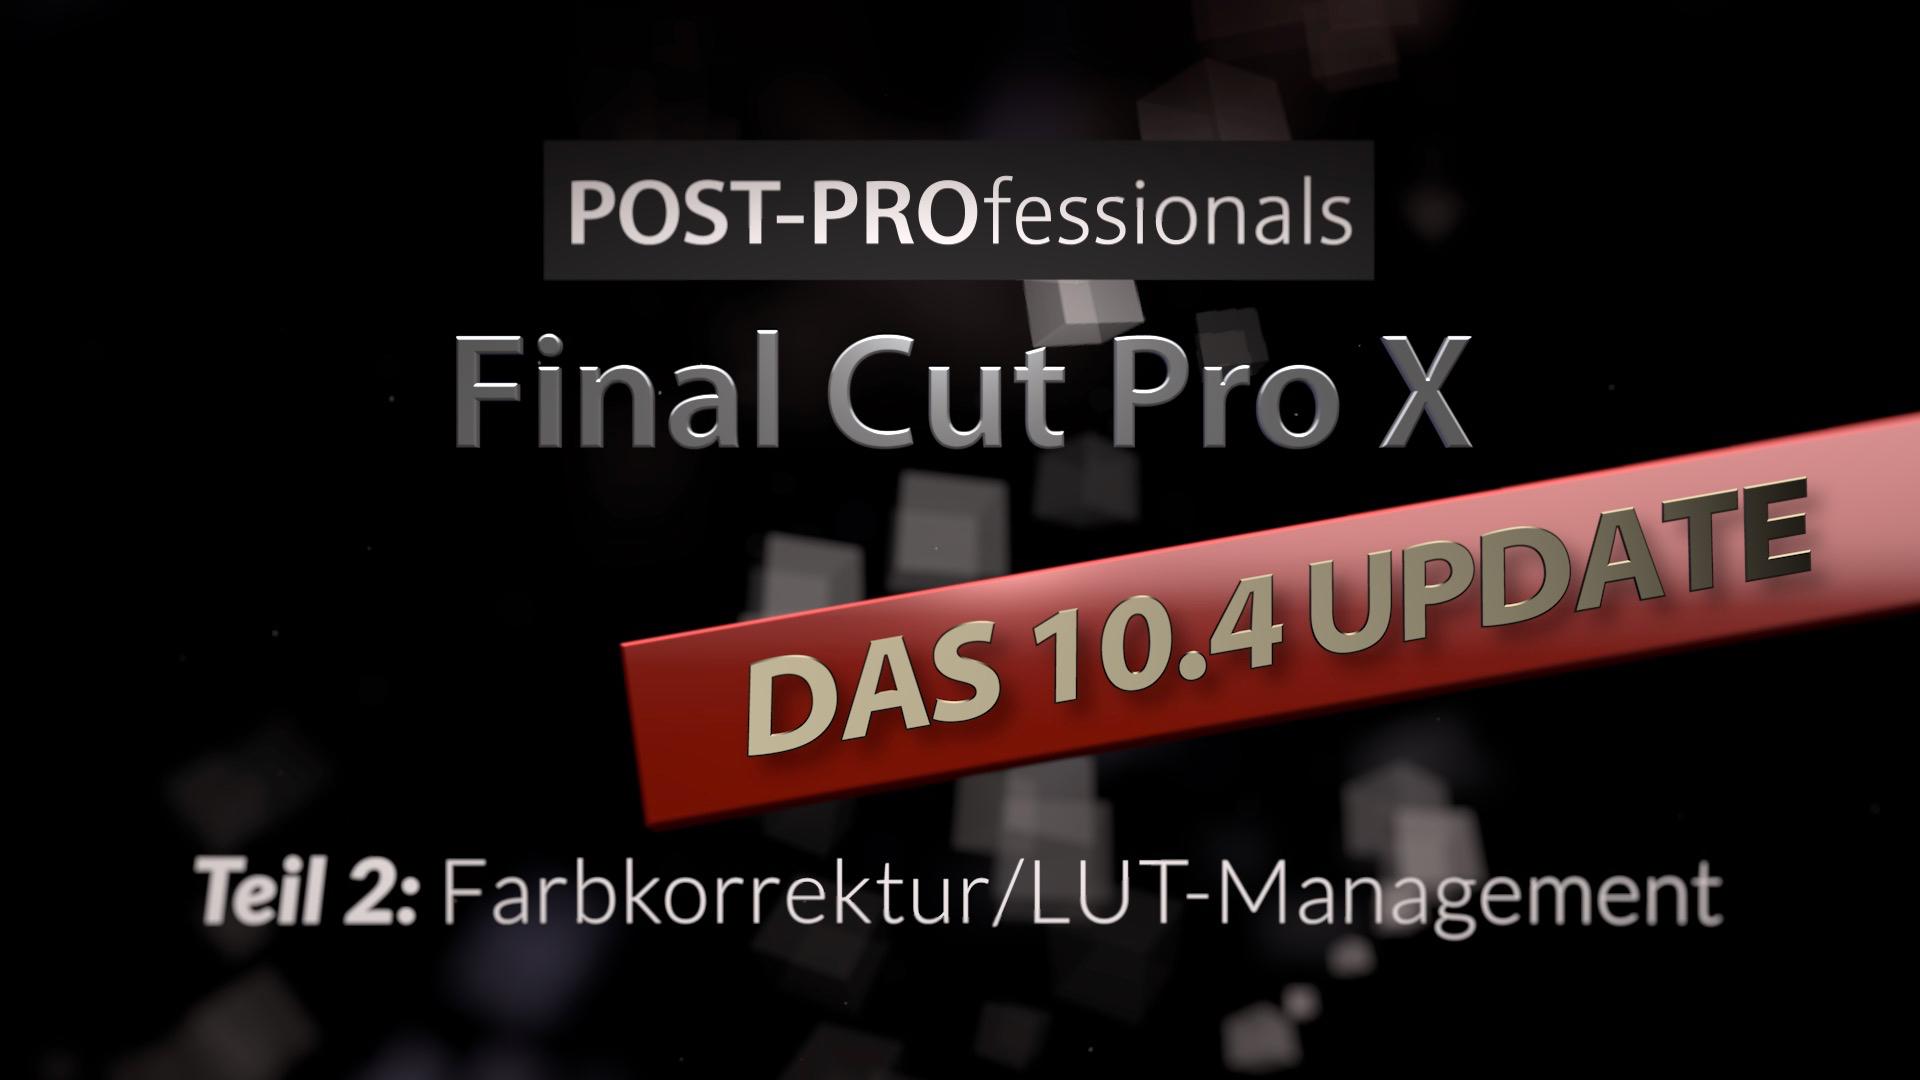 FCP X 10.4 Farbkorrektur & LUT-Management